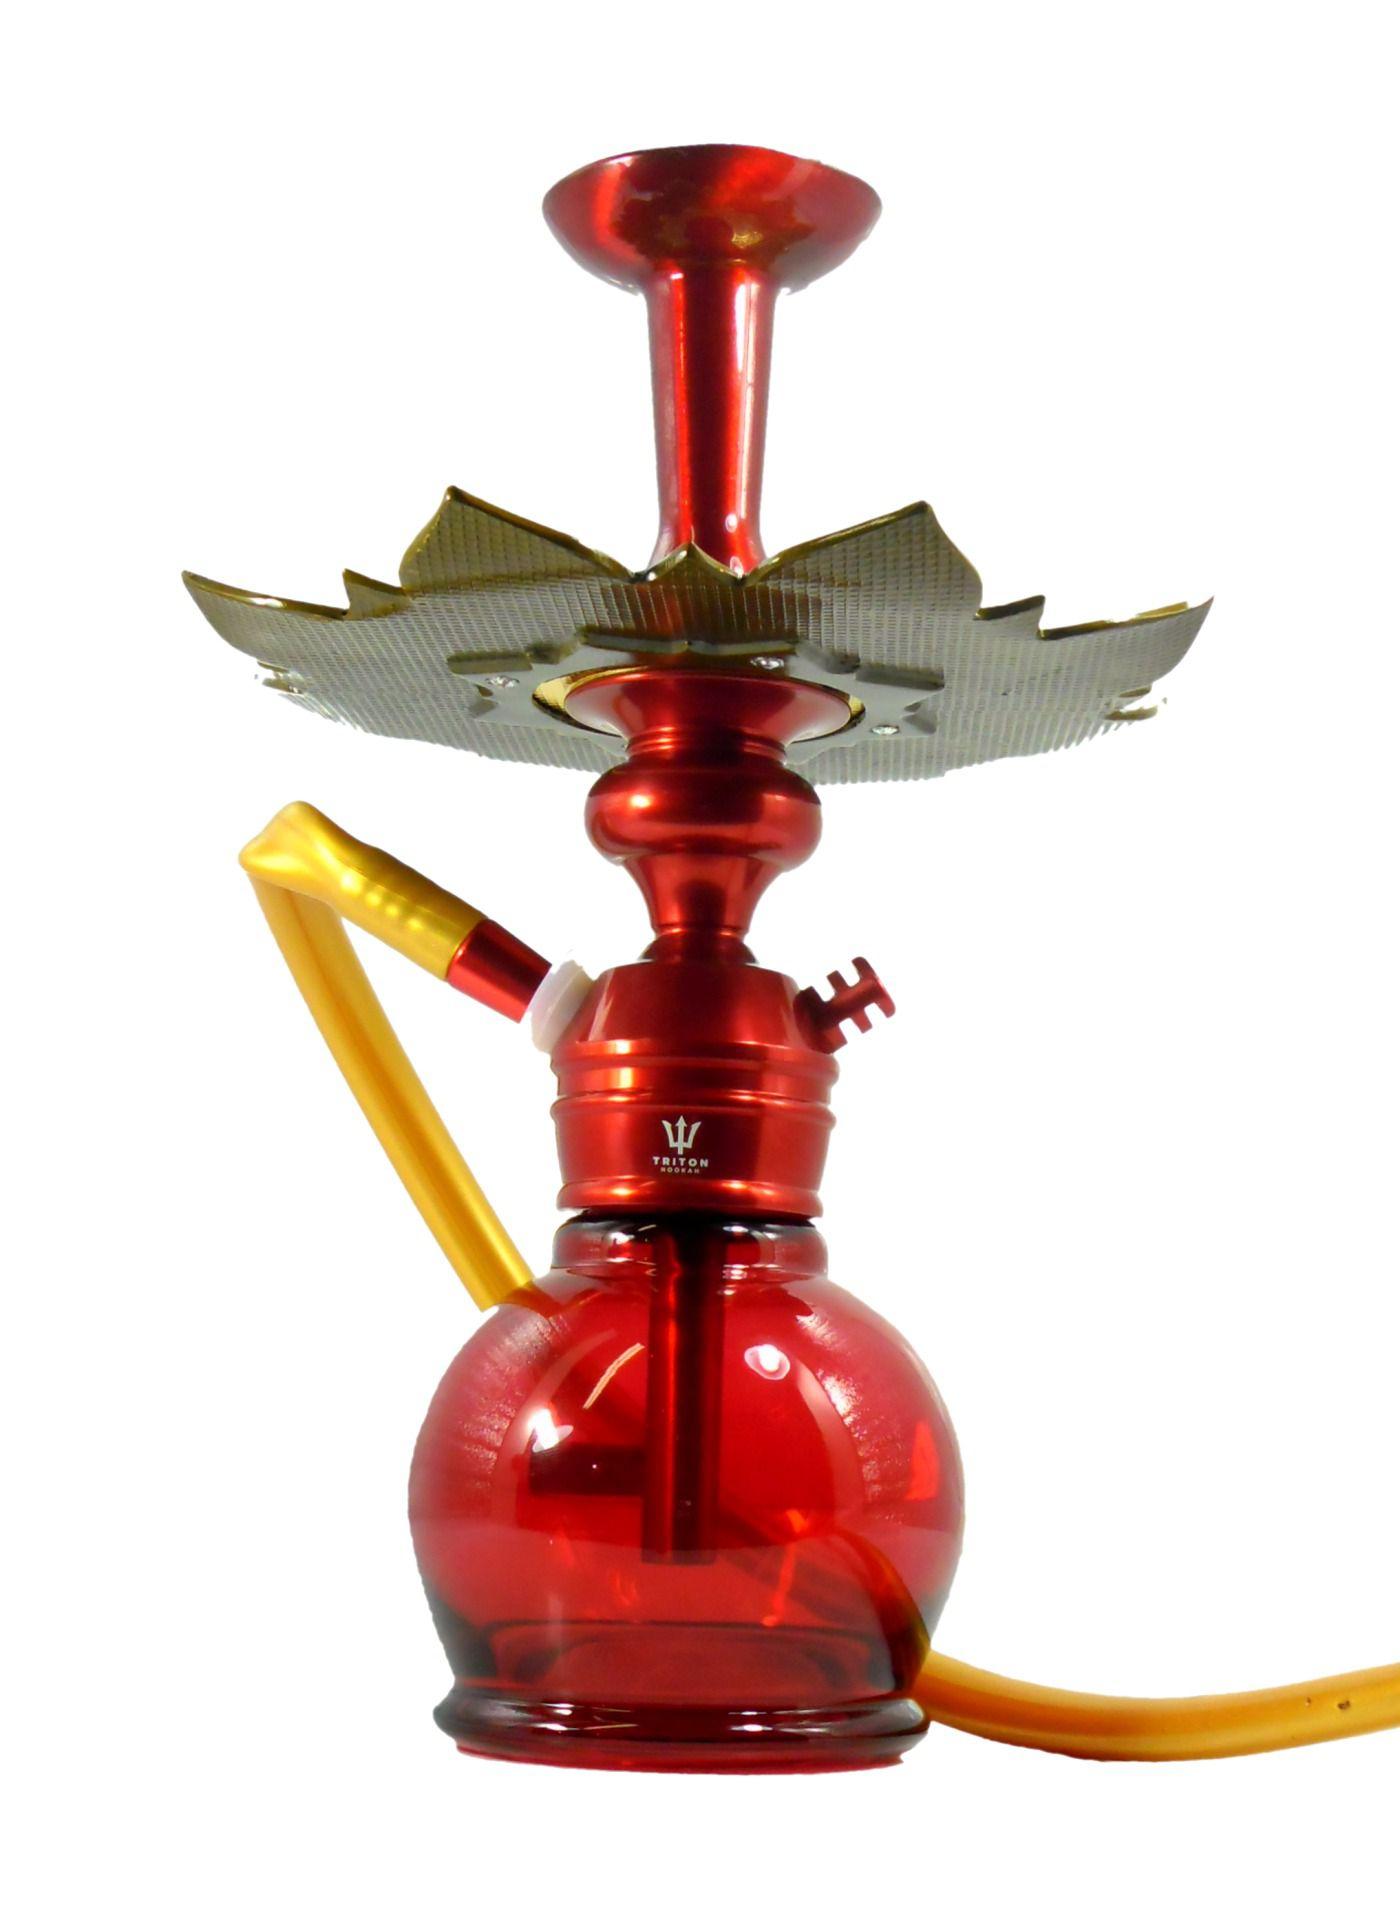 SETUP COMPLETO VERMELHO:Narguile TRITON ZIP mangueira antichamas c/ piteira, vaso vermelho, rosh alumínio, Prato Pérsia